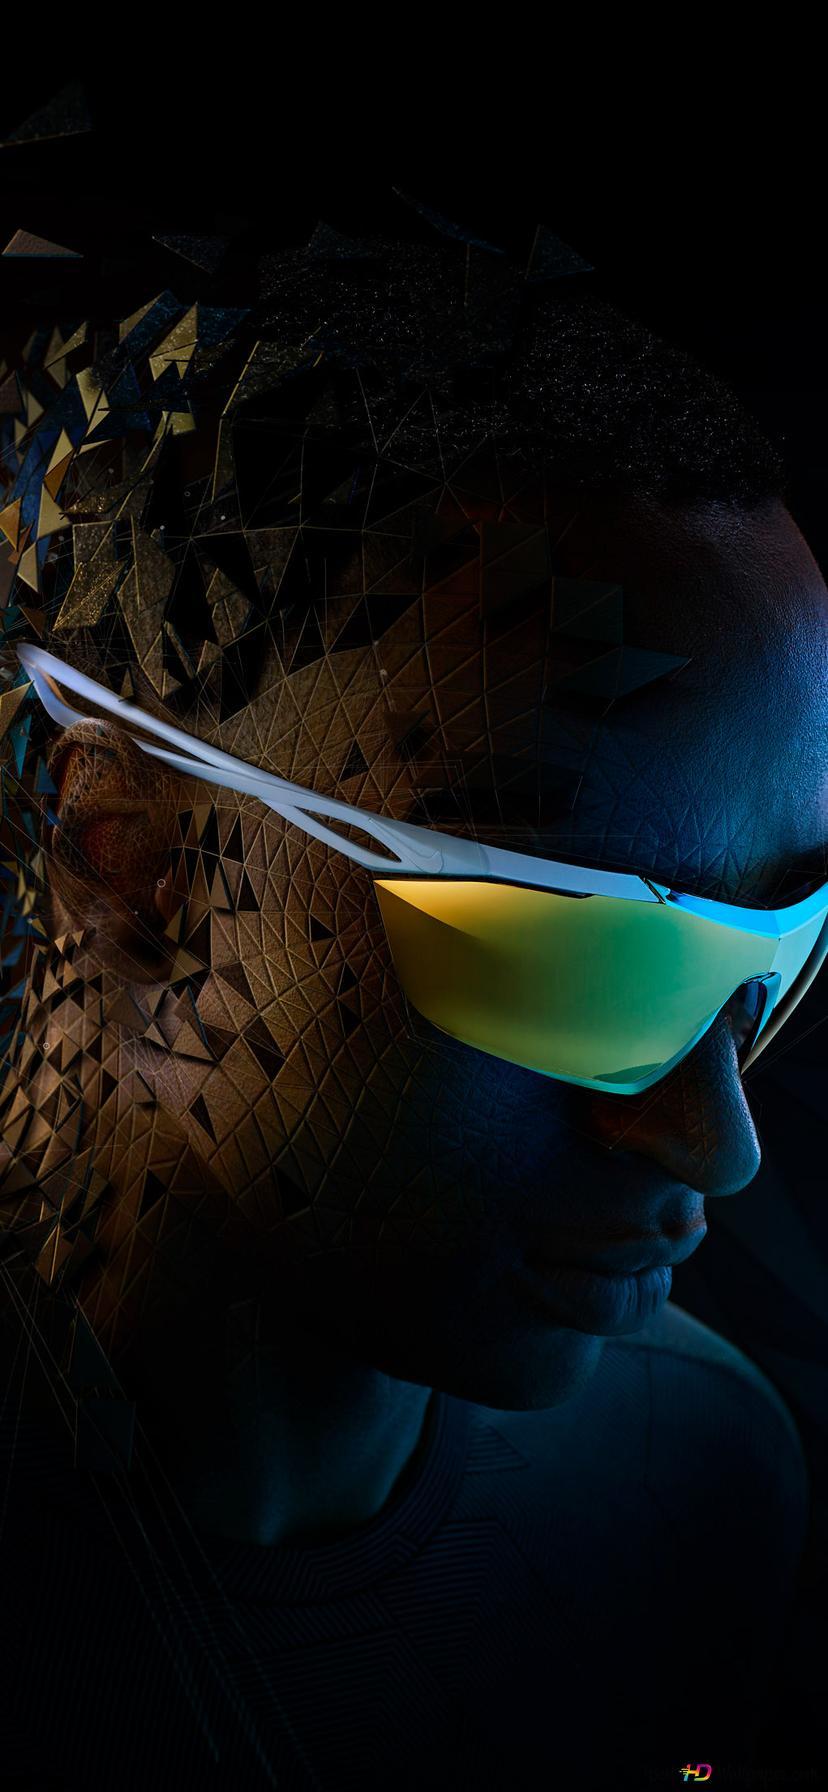 Nike Vision Brillen Hd Hintergrundbilder Herunterladen